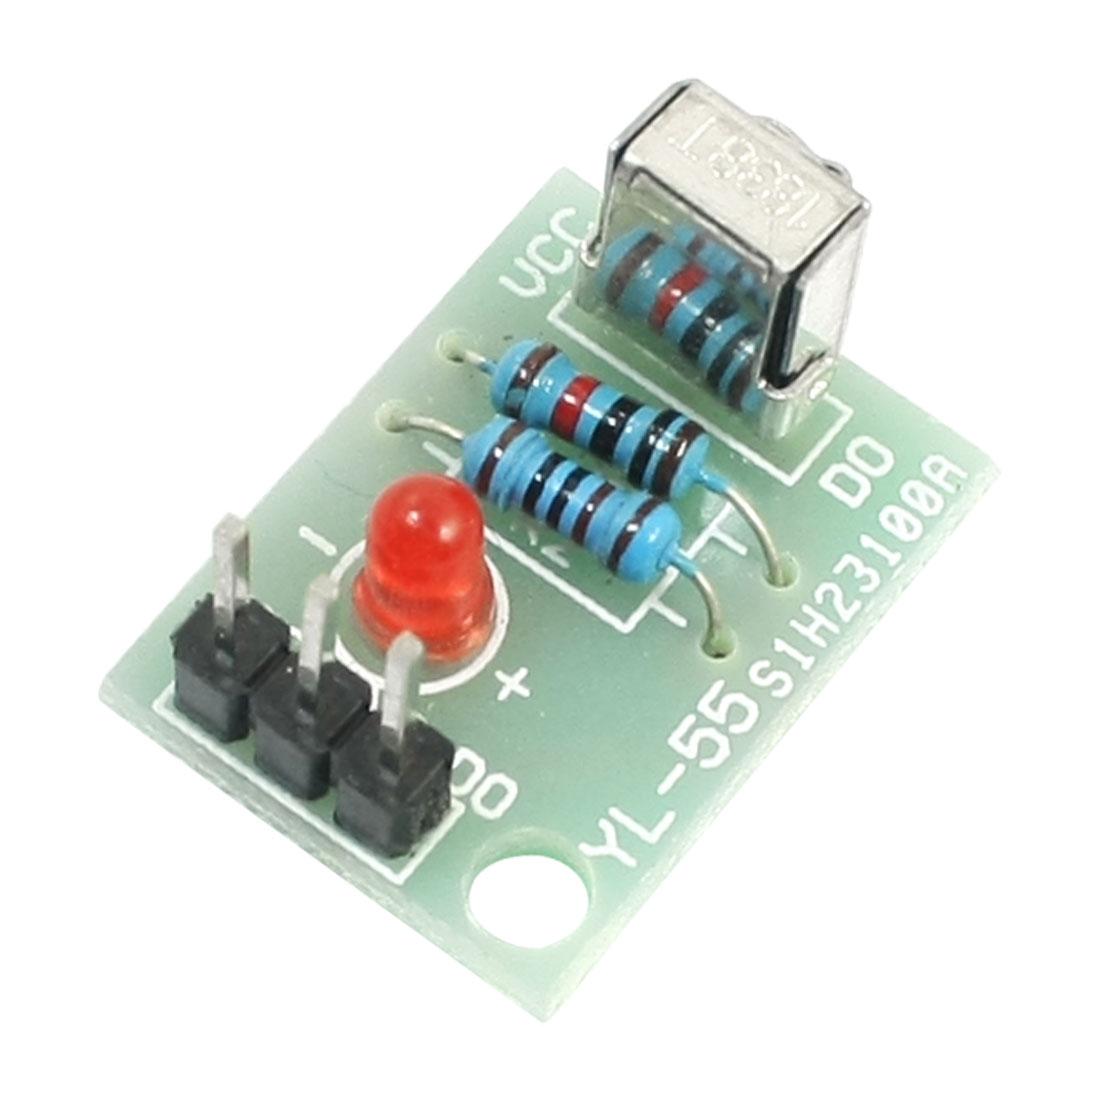 HX1838 IR Remote Control Receiver Module 5V Green